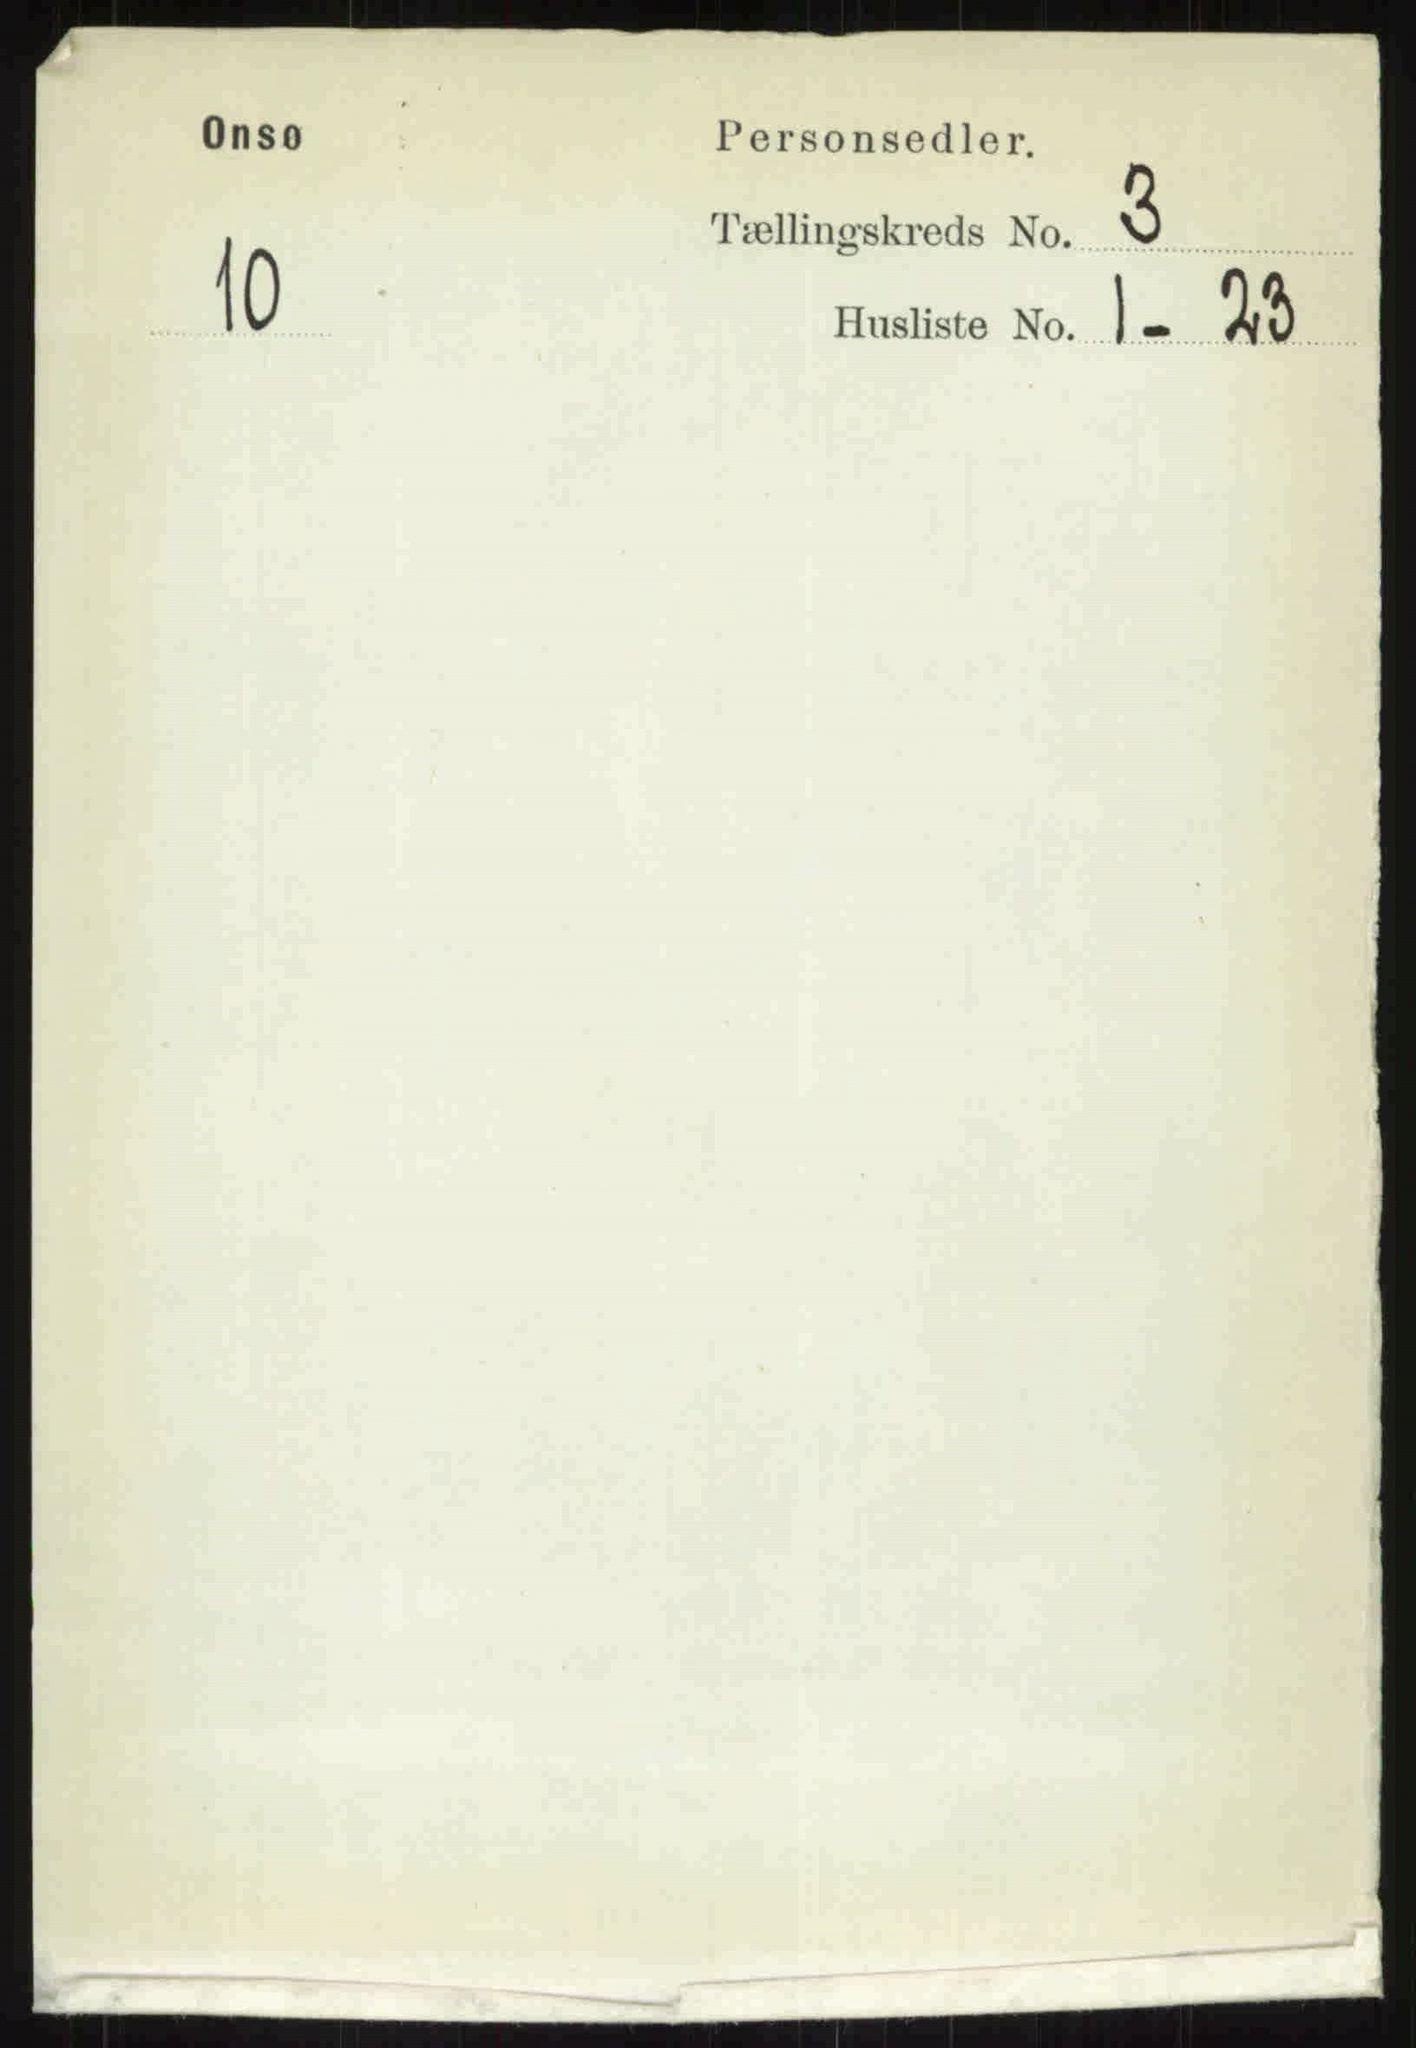 RA, Folketelling 1891 for 0134 Onsøy herred, 1891, s. 1711